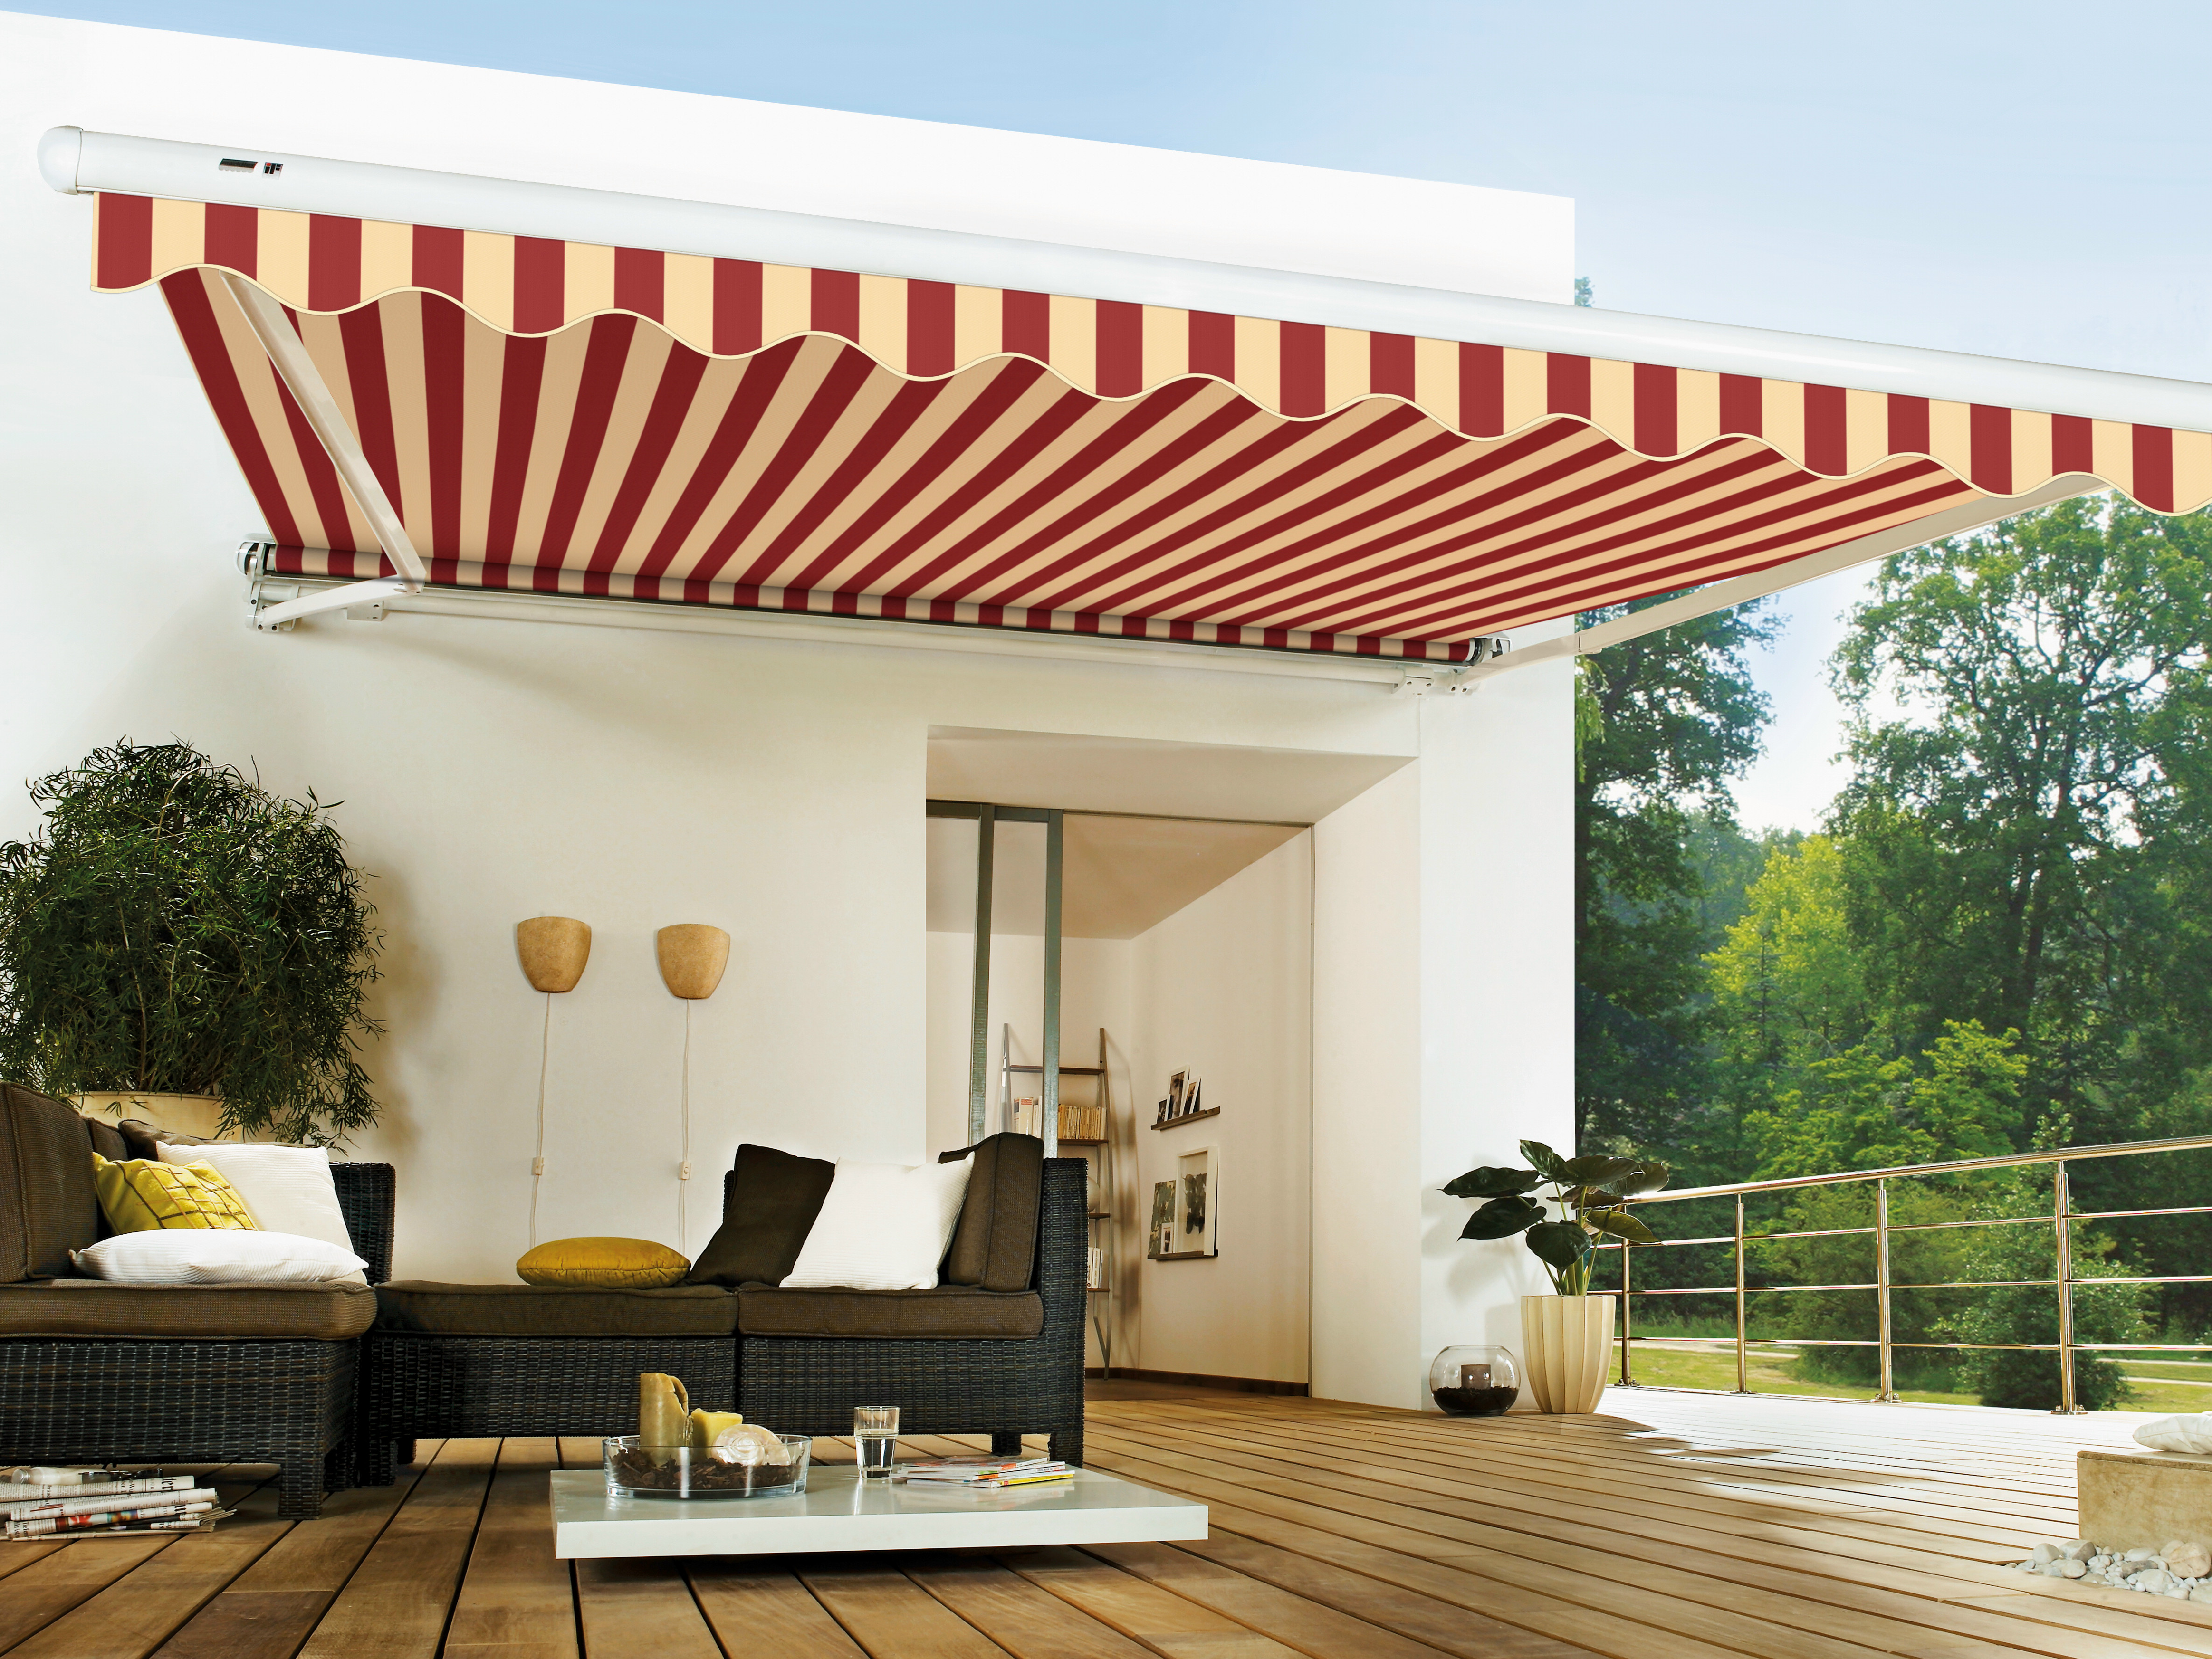 Tende da sole una protezione dai raggi solari per te e la - Tende per arredare casa ...